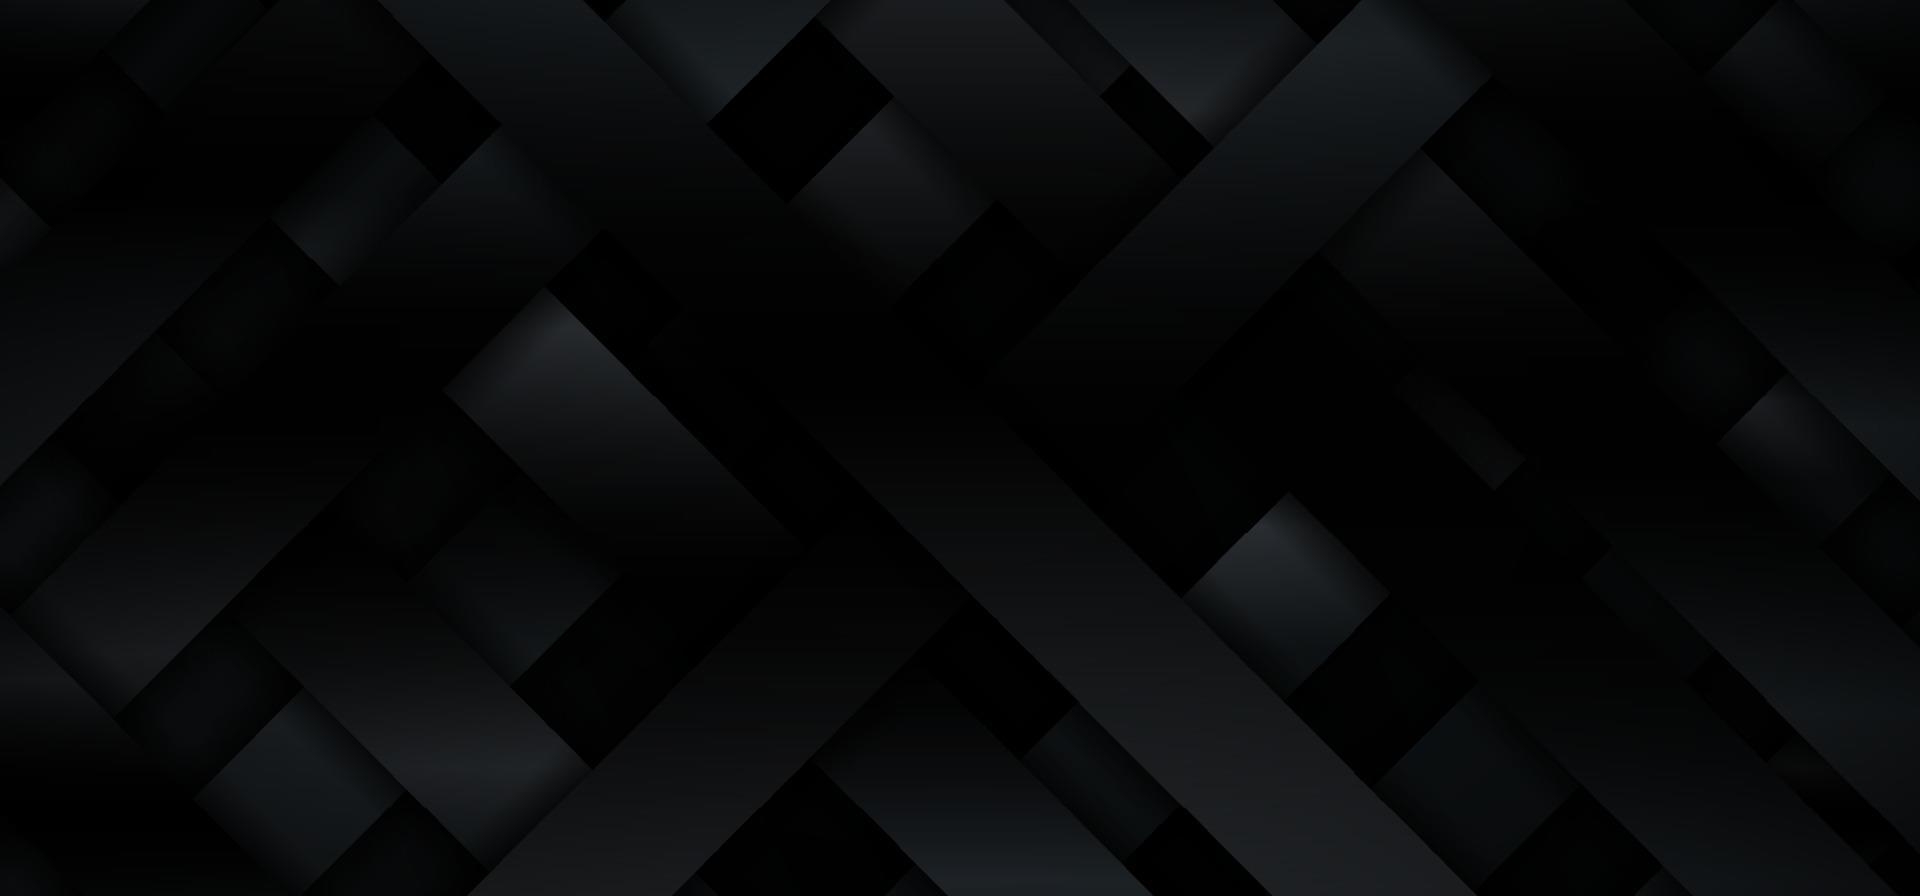 abstracte 3d zwarte gradiënt metallic diagonale strepen patroon weven achtergrond en textuur vector